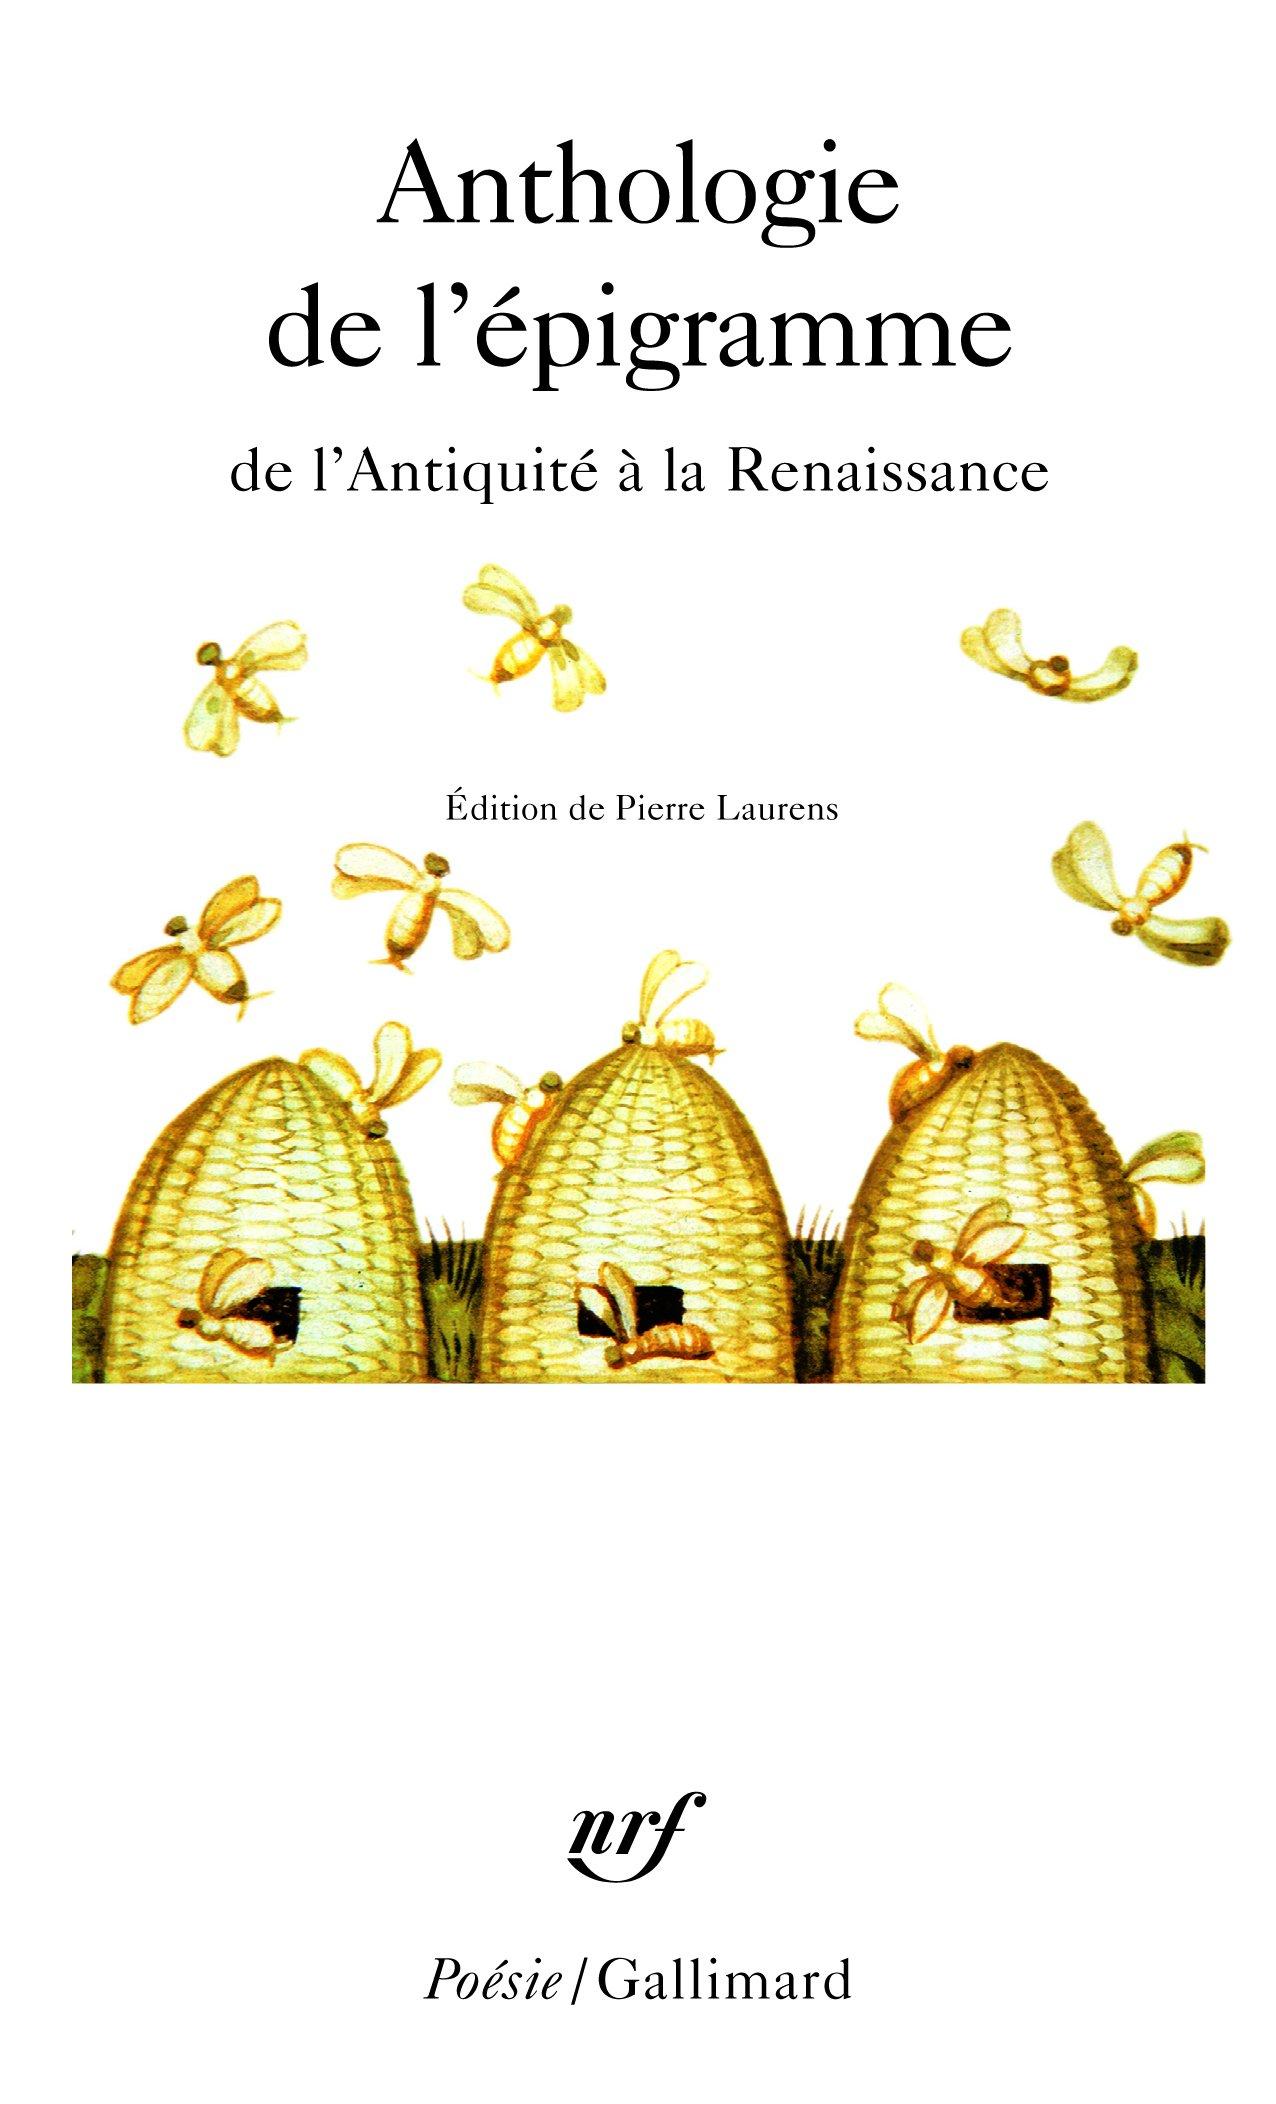 Anthologie de l'épigramme de l'Antiquité à la Renaissance Poche – 12 juillet 2007 Collectifs Pierre Laurens Gallimard 207031989X